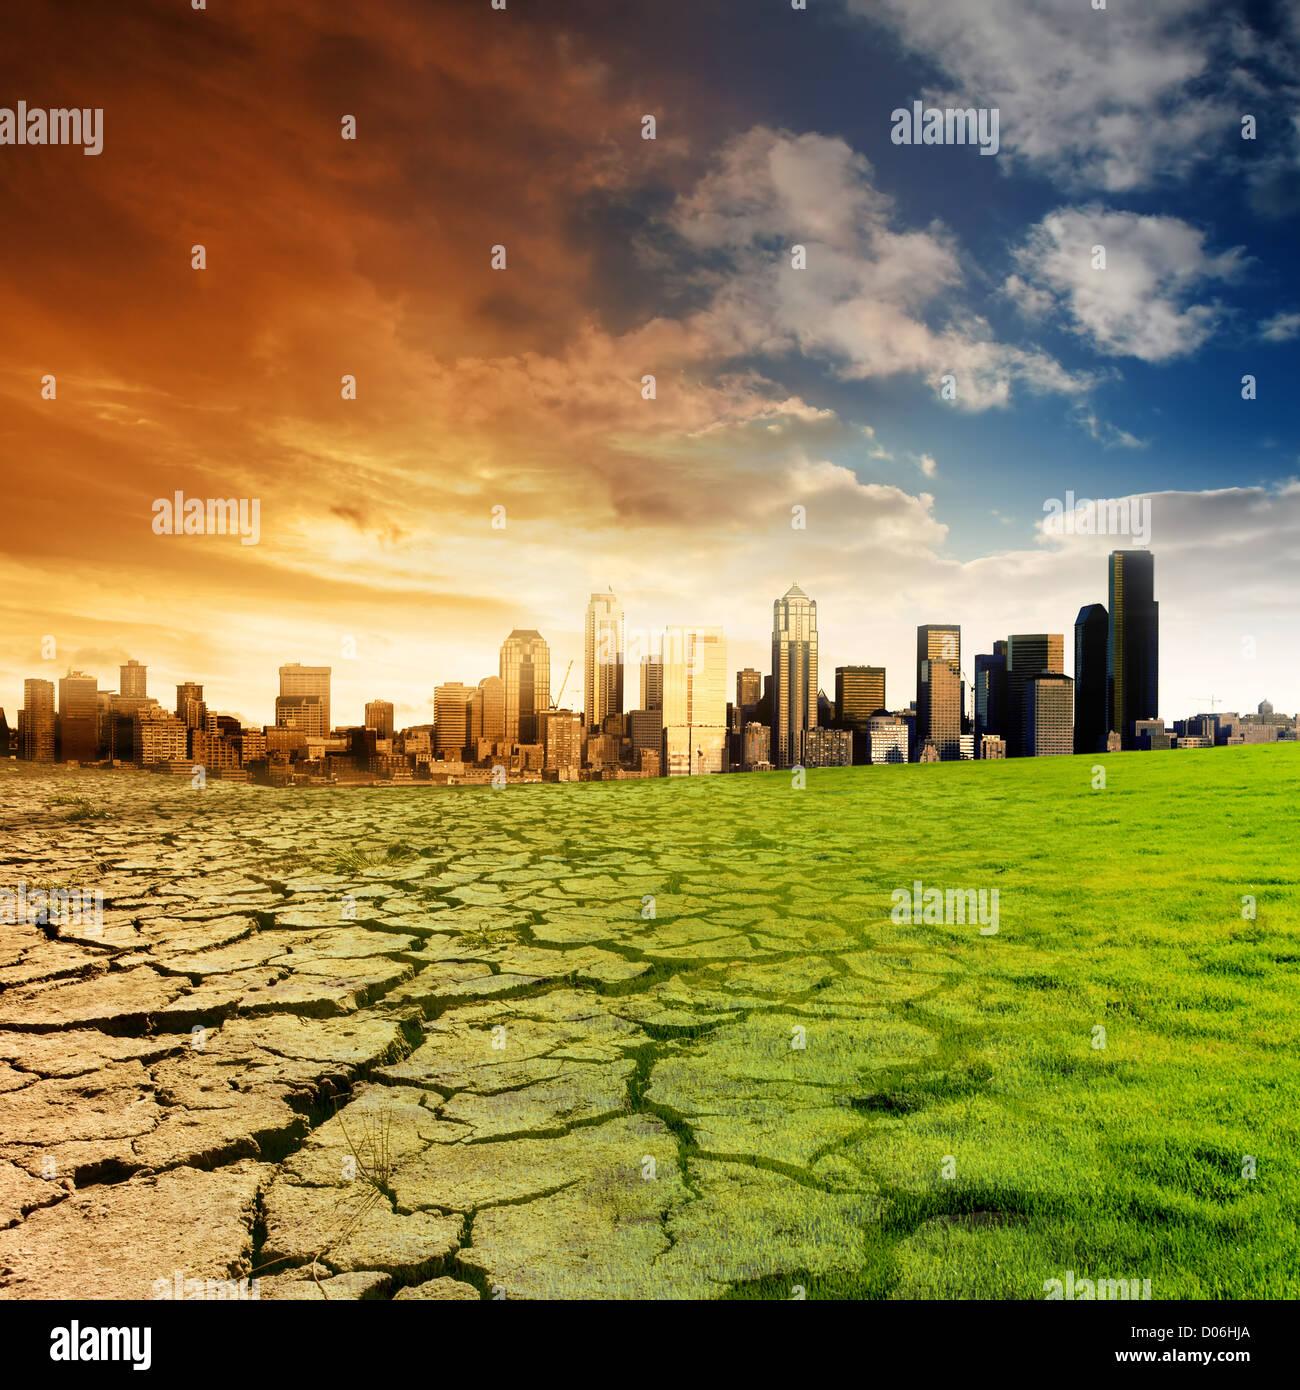 Per effetto del riscaldamento globale su una città Immagini Stock